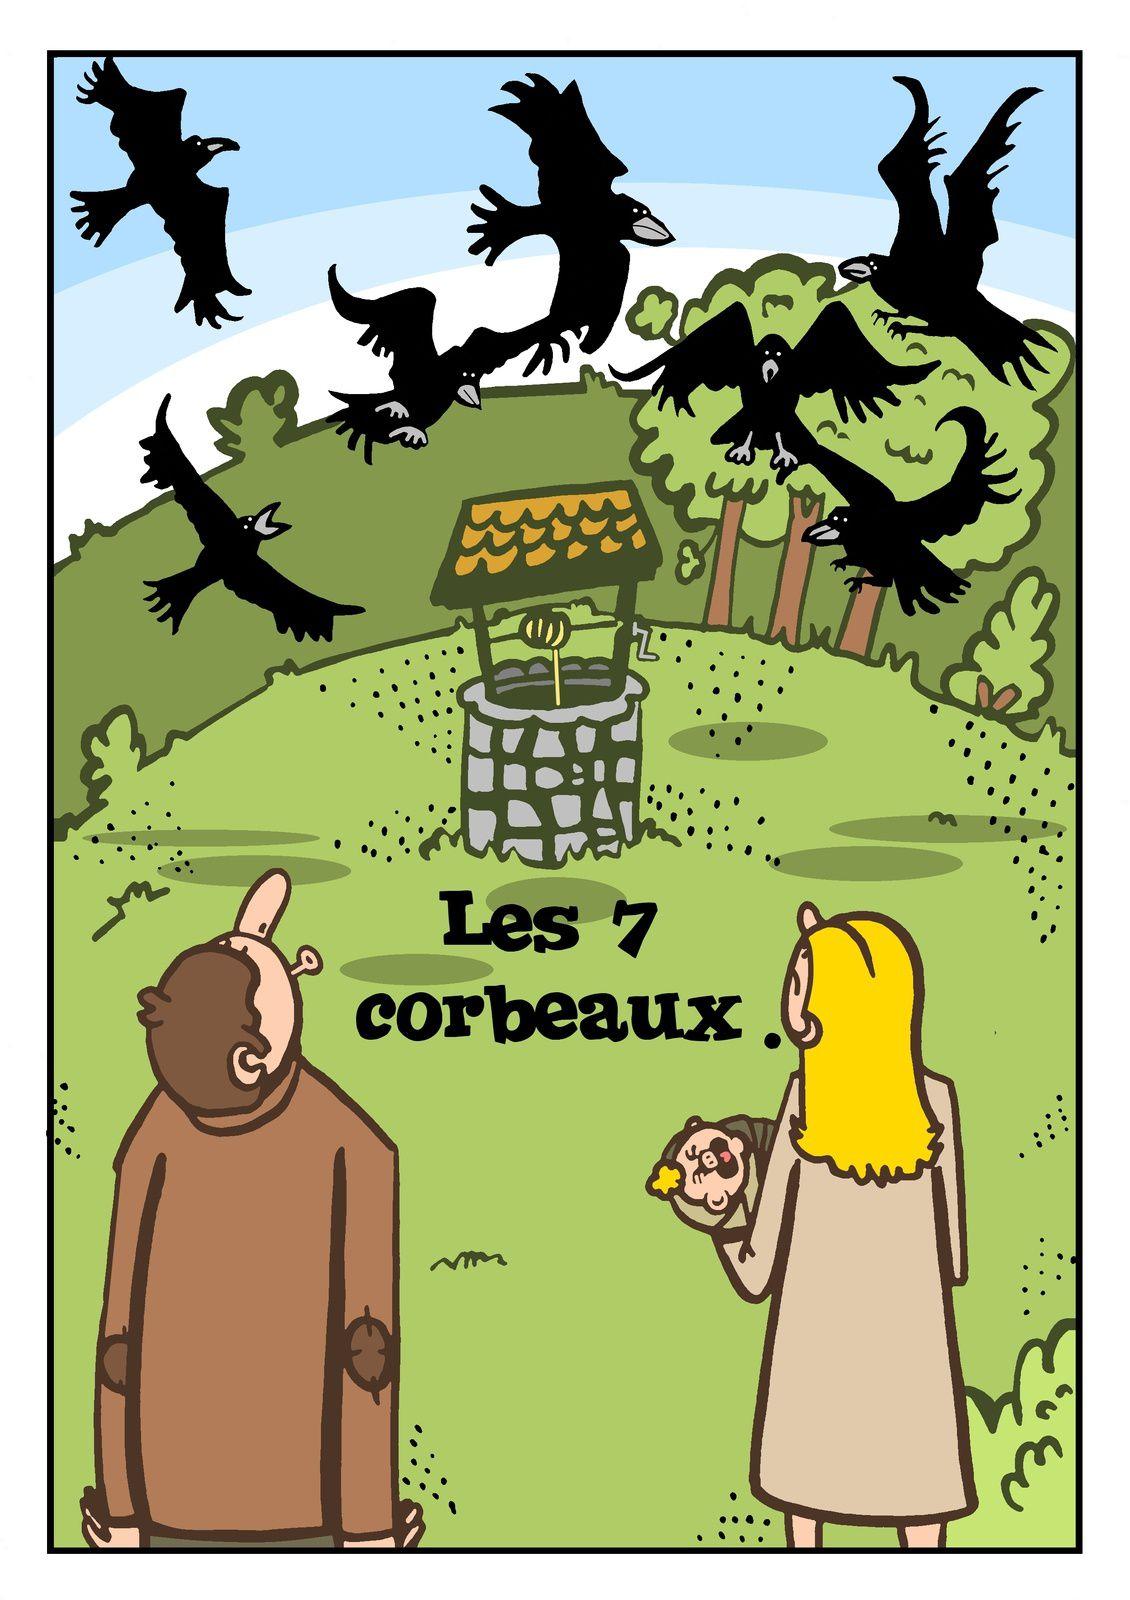 Les contes de Grimm: Les 7 corbeaux.